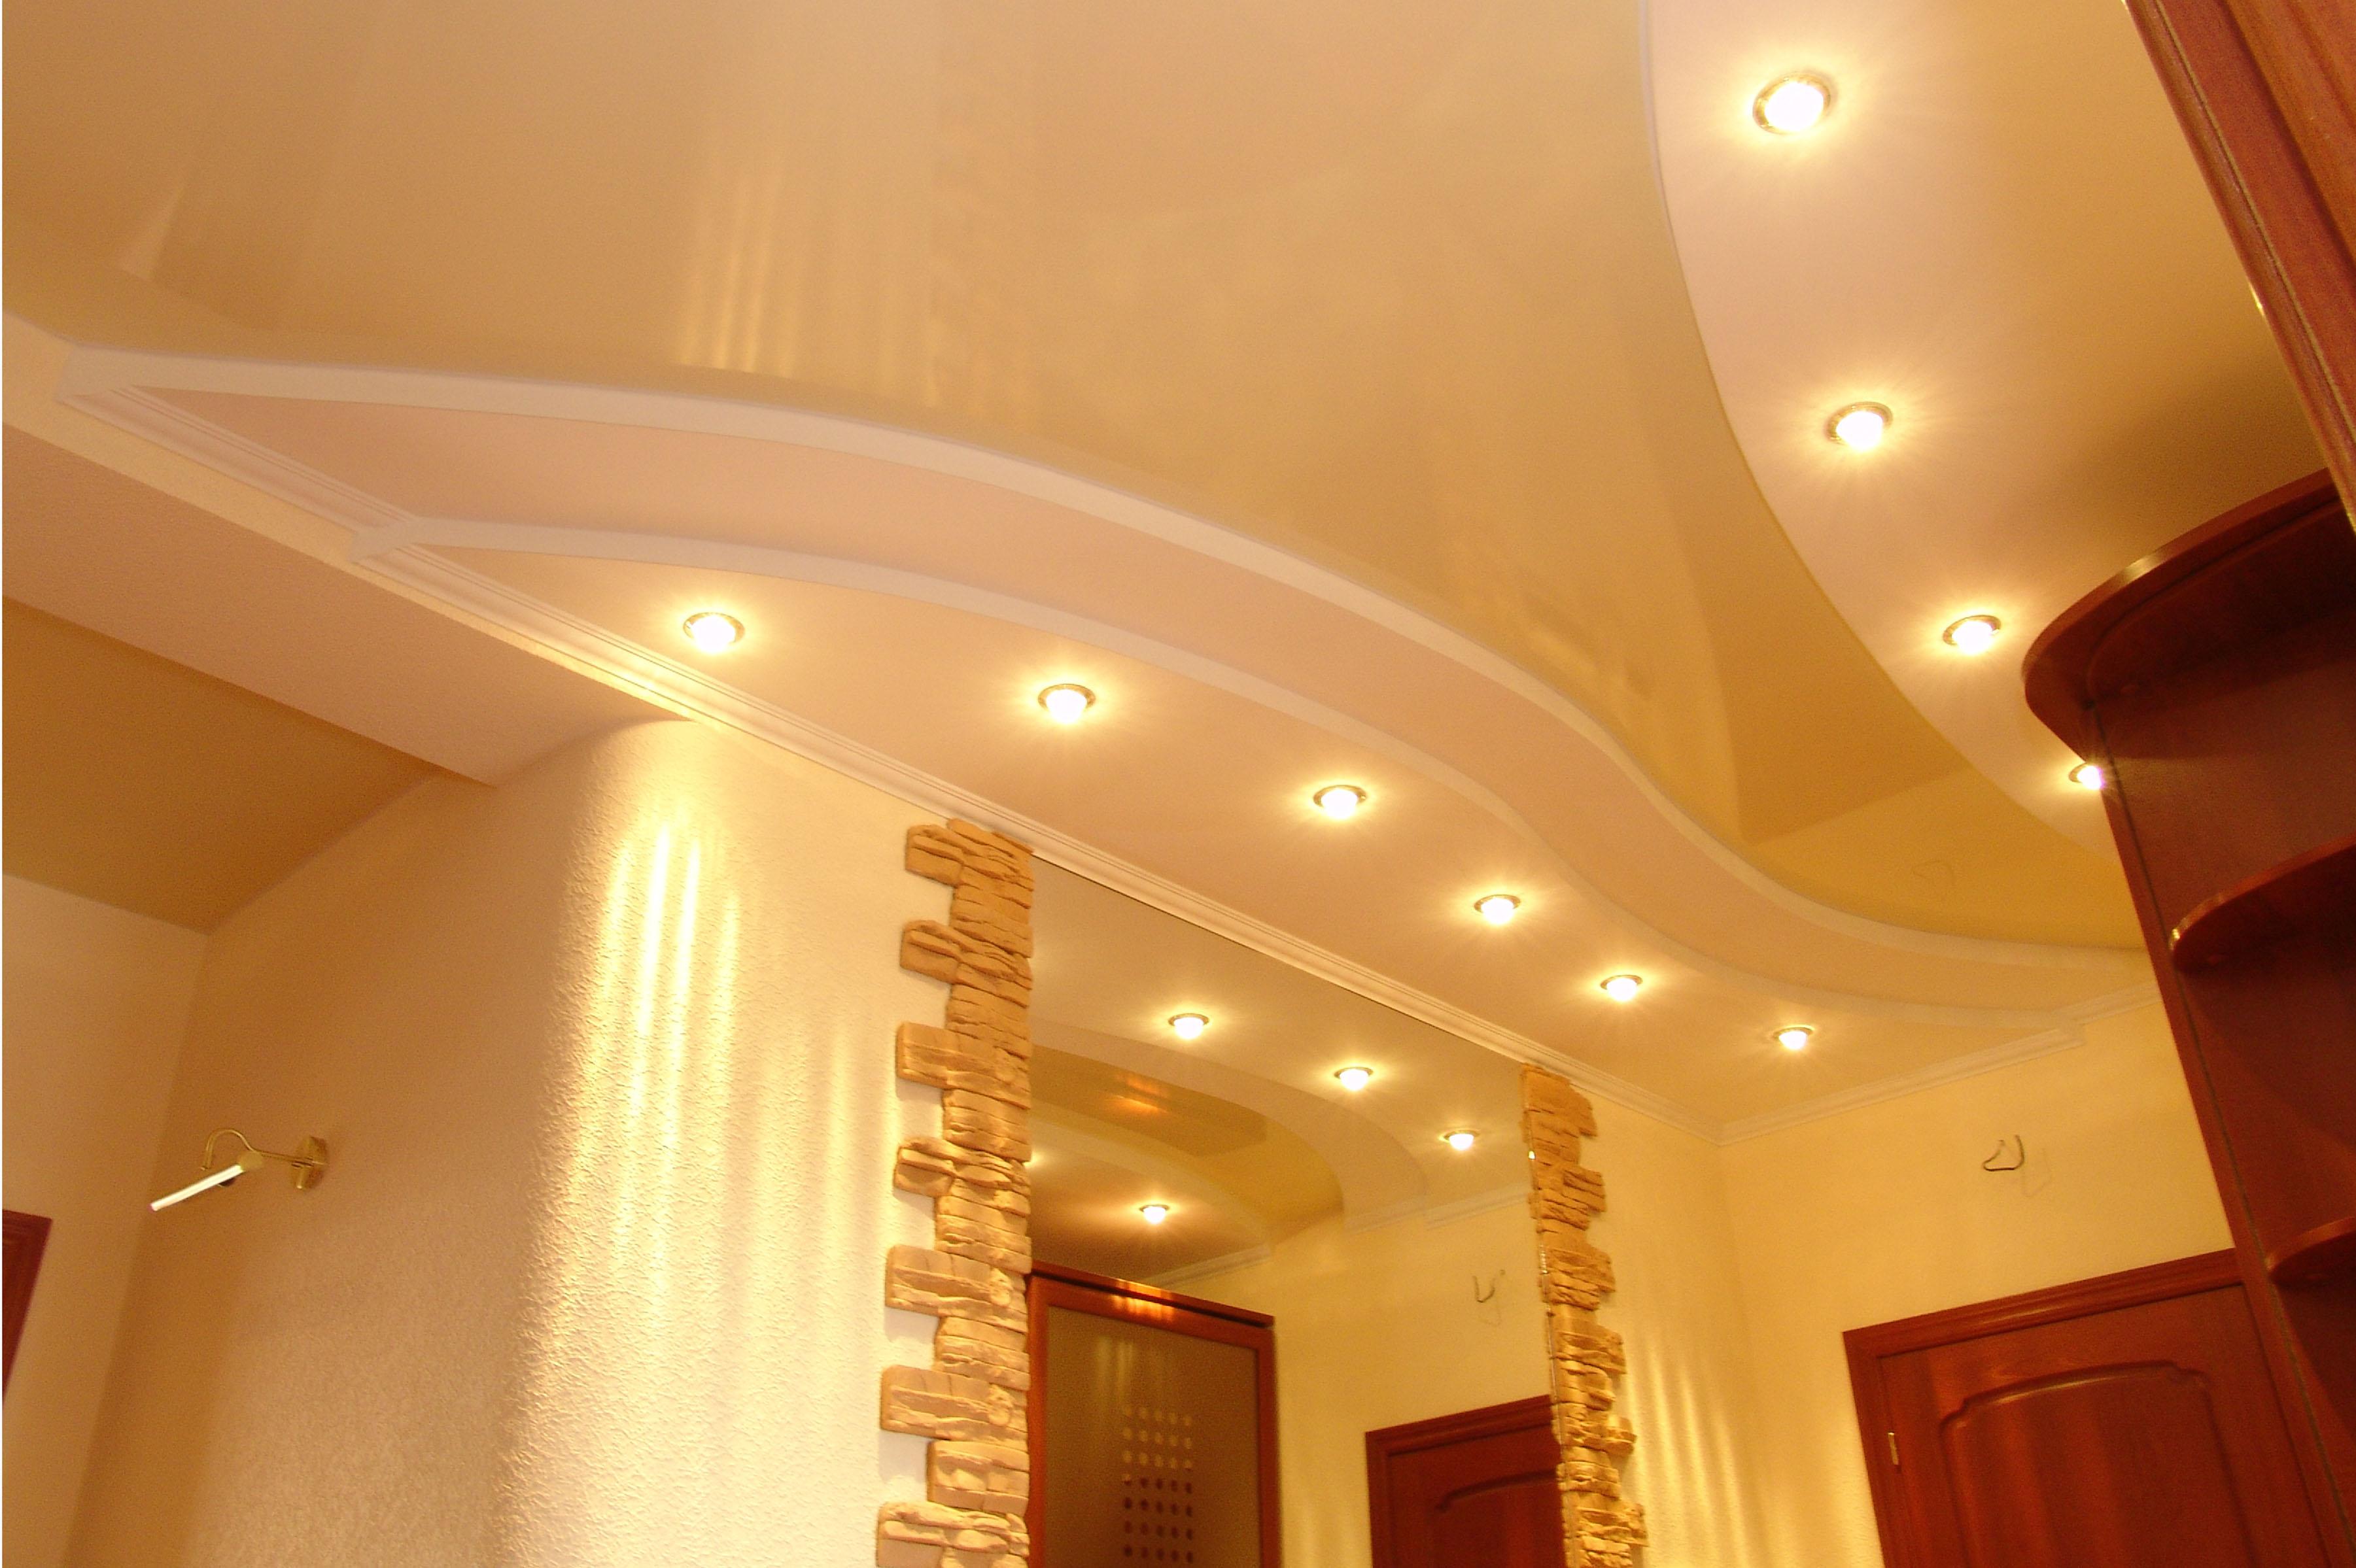 Правильно оформлен потолок в прихожей. Точечное освещение - максимально приемлемый вариант для натяжных потолков ПВХ.